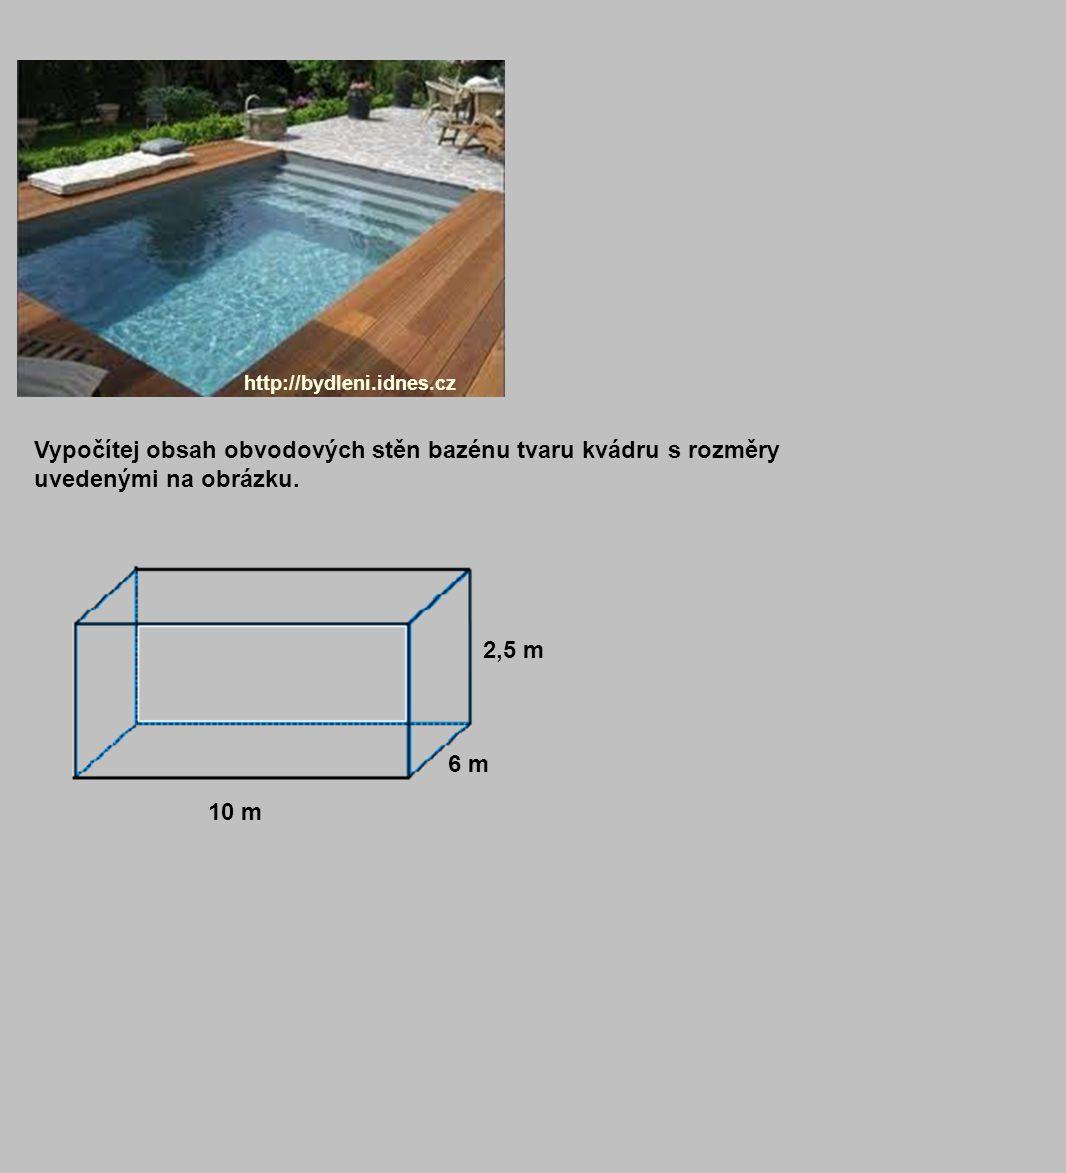 http://bydleni.idnes.cz Vypočítej obsah obvodových stěn bazénu tvaru kvádru s rozměry uvedenými na obrázku. 10 m 2,5 m 6 m